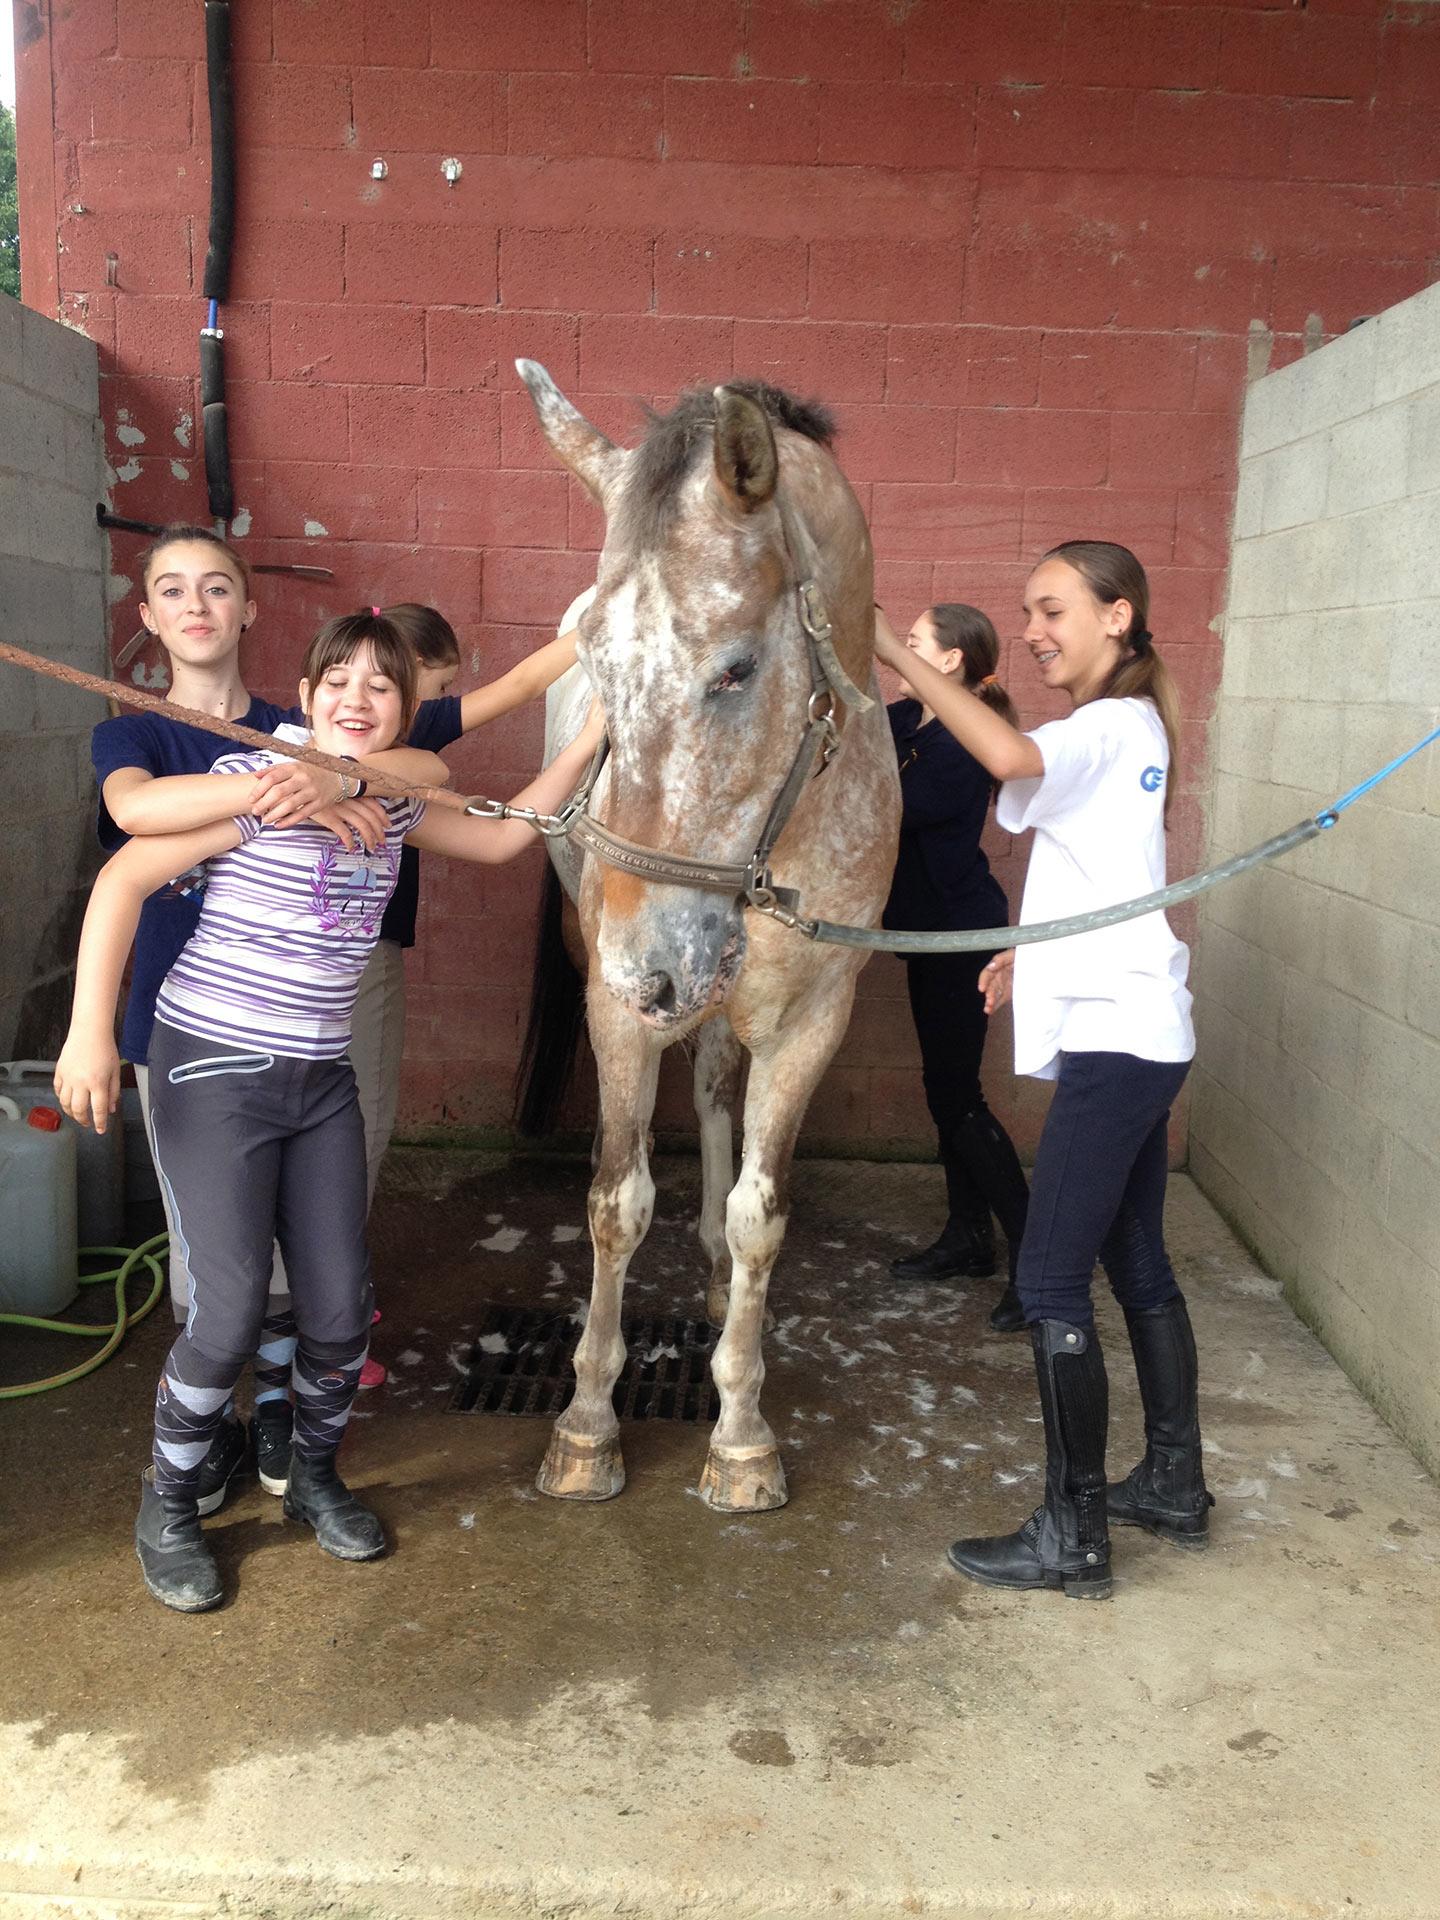 bambini che puliscono ed accarezzano un cavallo